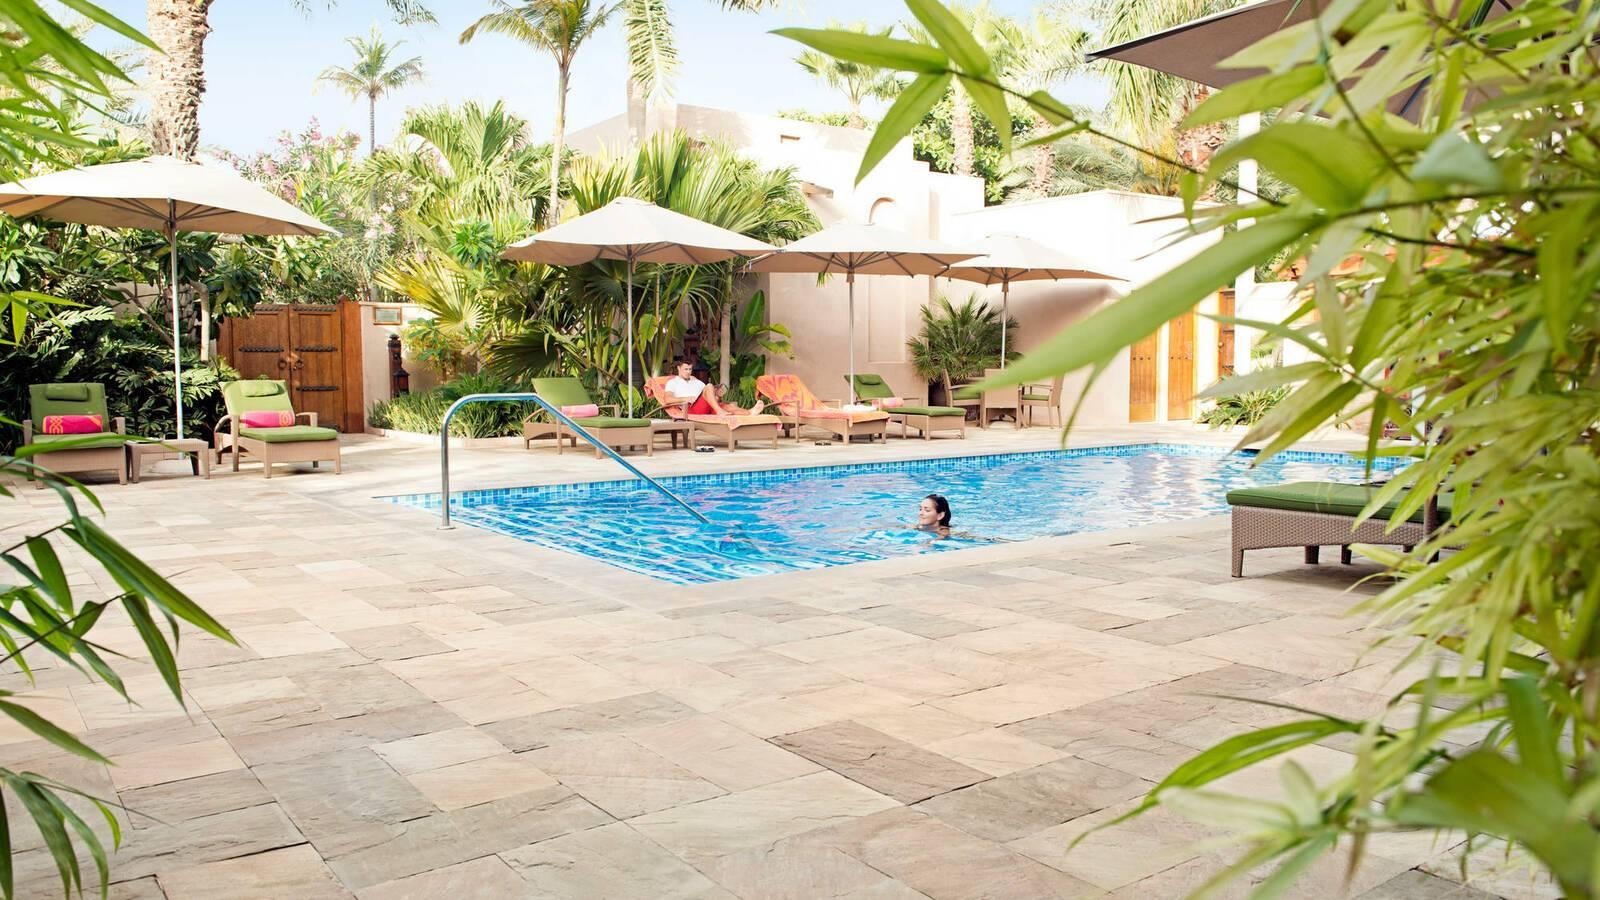 Jumeirah al Qasr Dubai piscine Spa